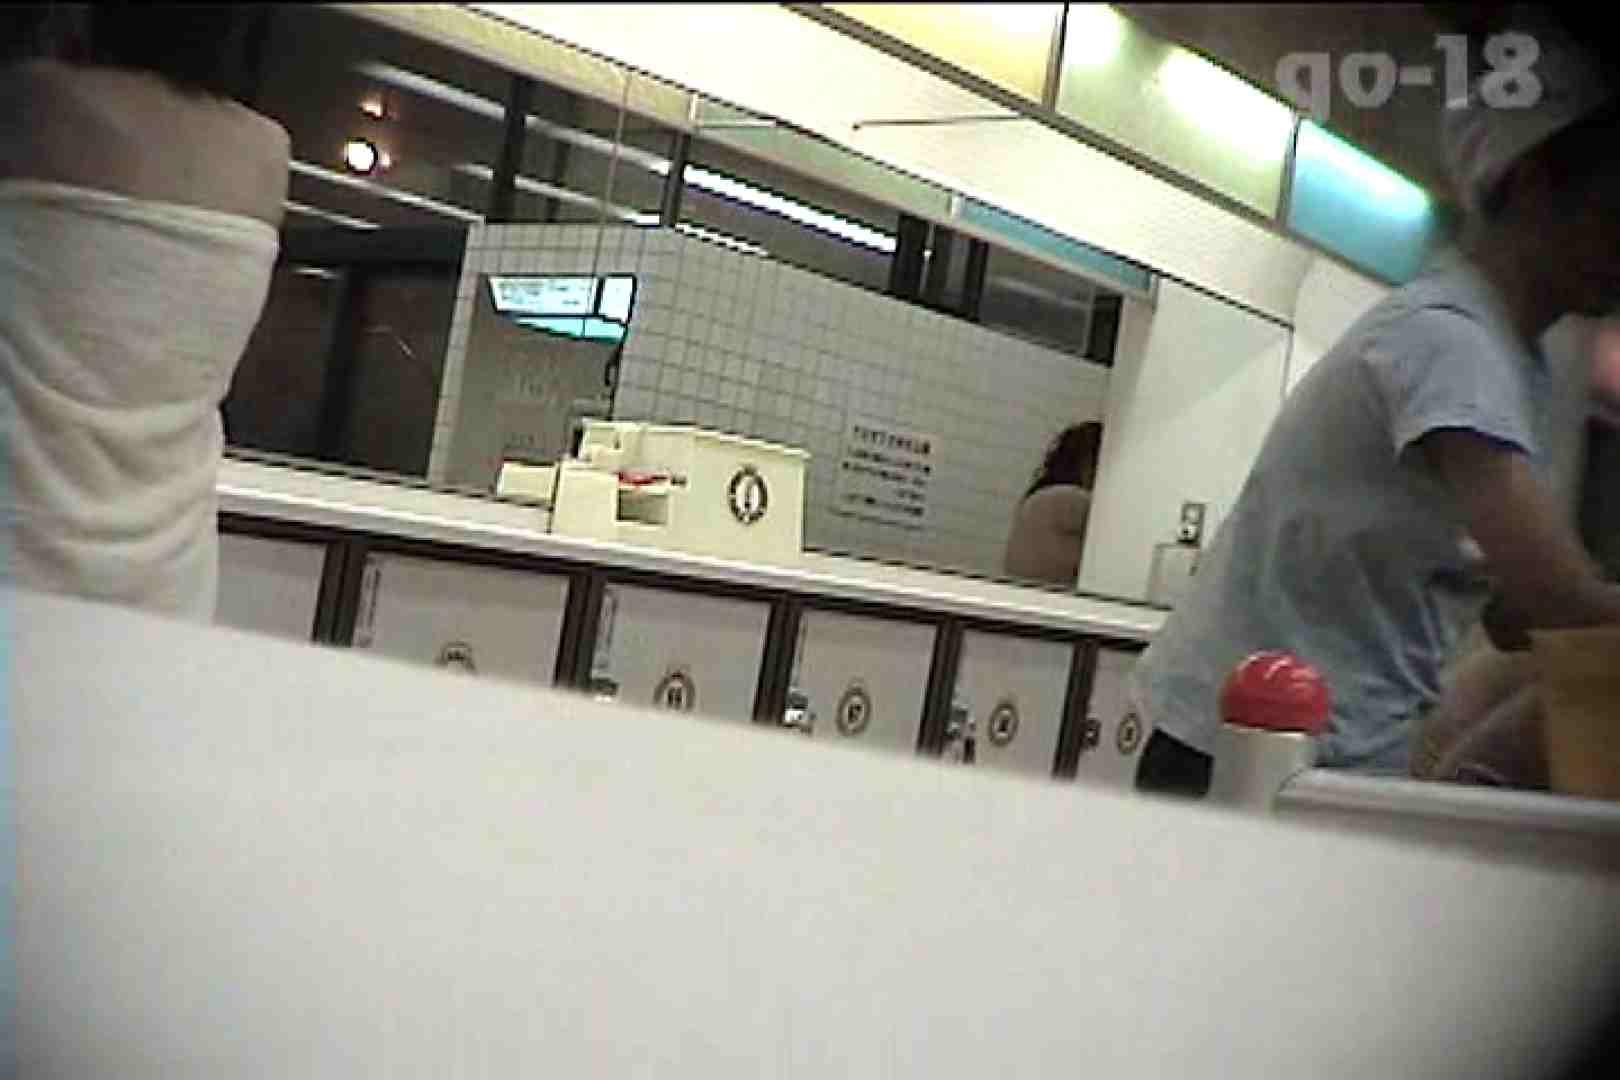 電波カメラ設置浴場からの防HAN映像 Vol.18 OLのボディ  102PIX 39